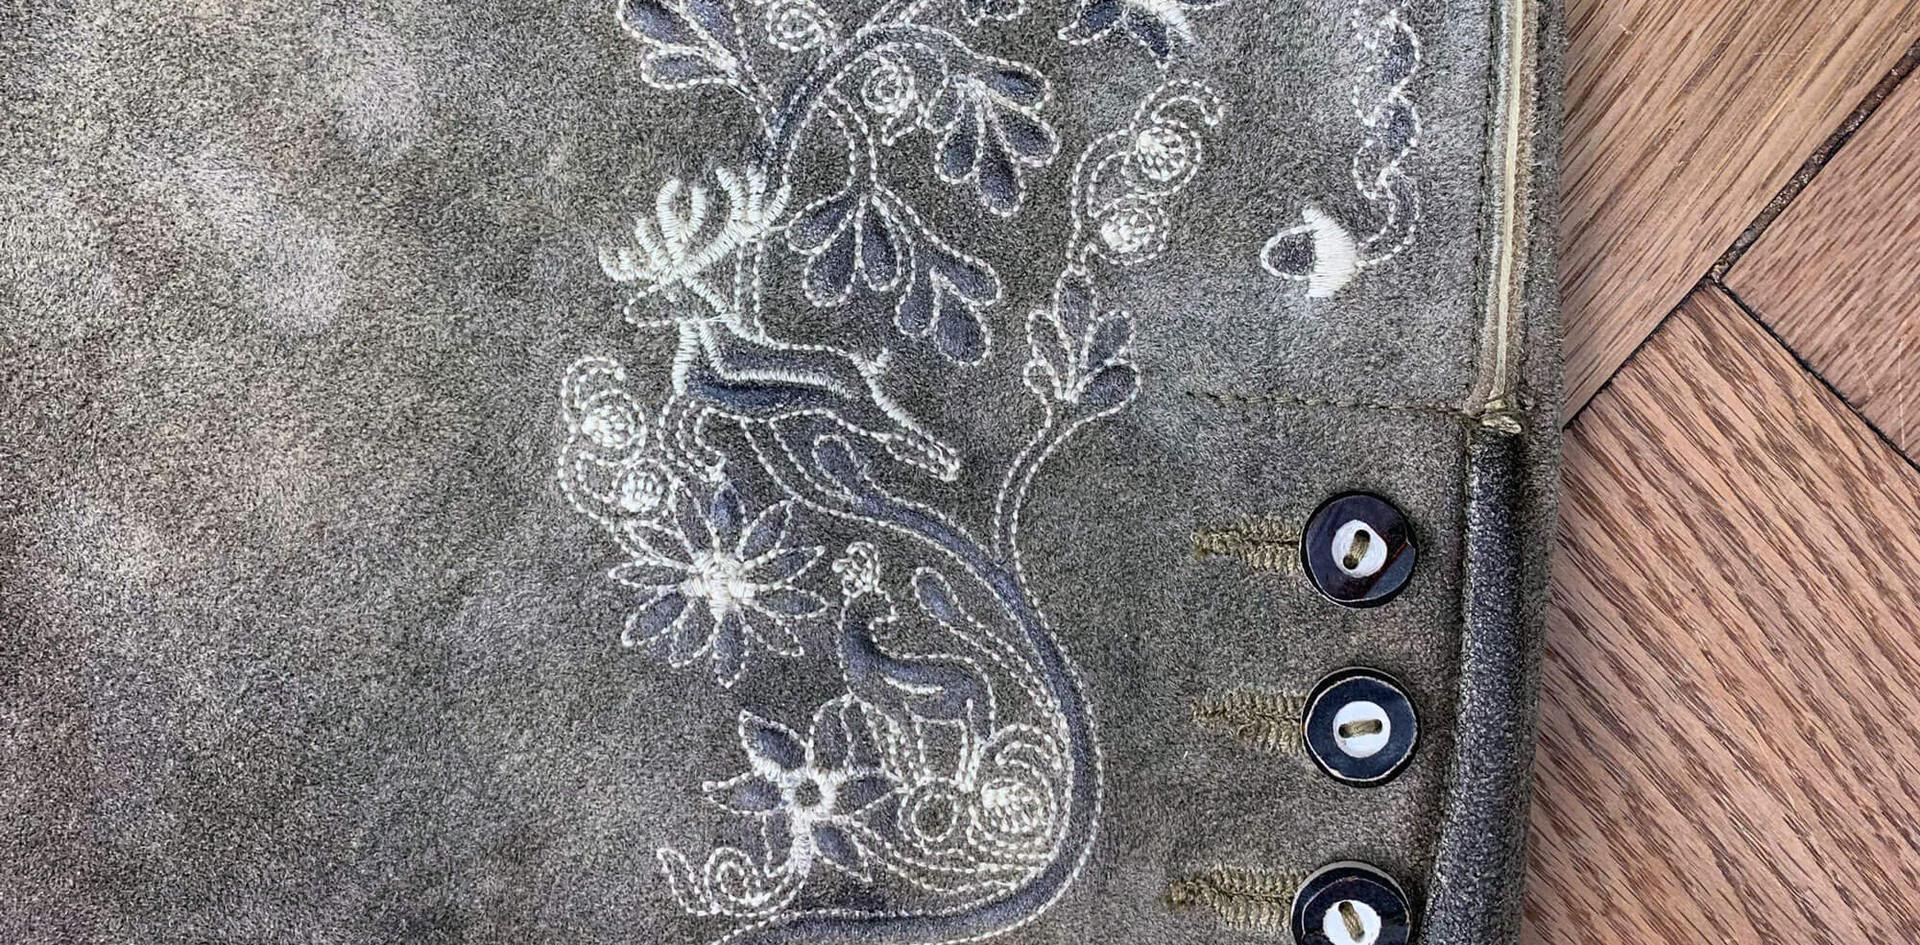 Lederhose Dark - front detail